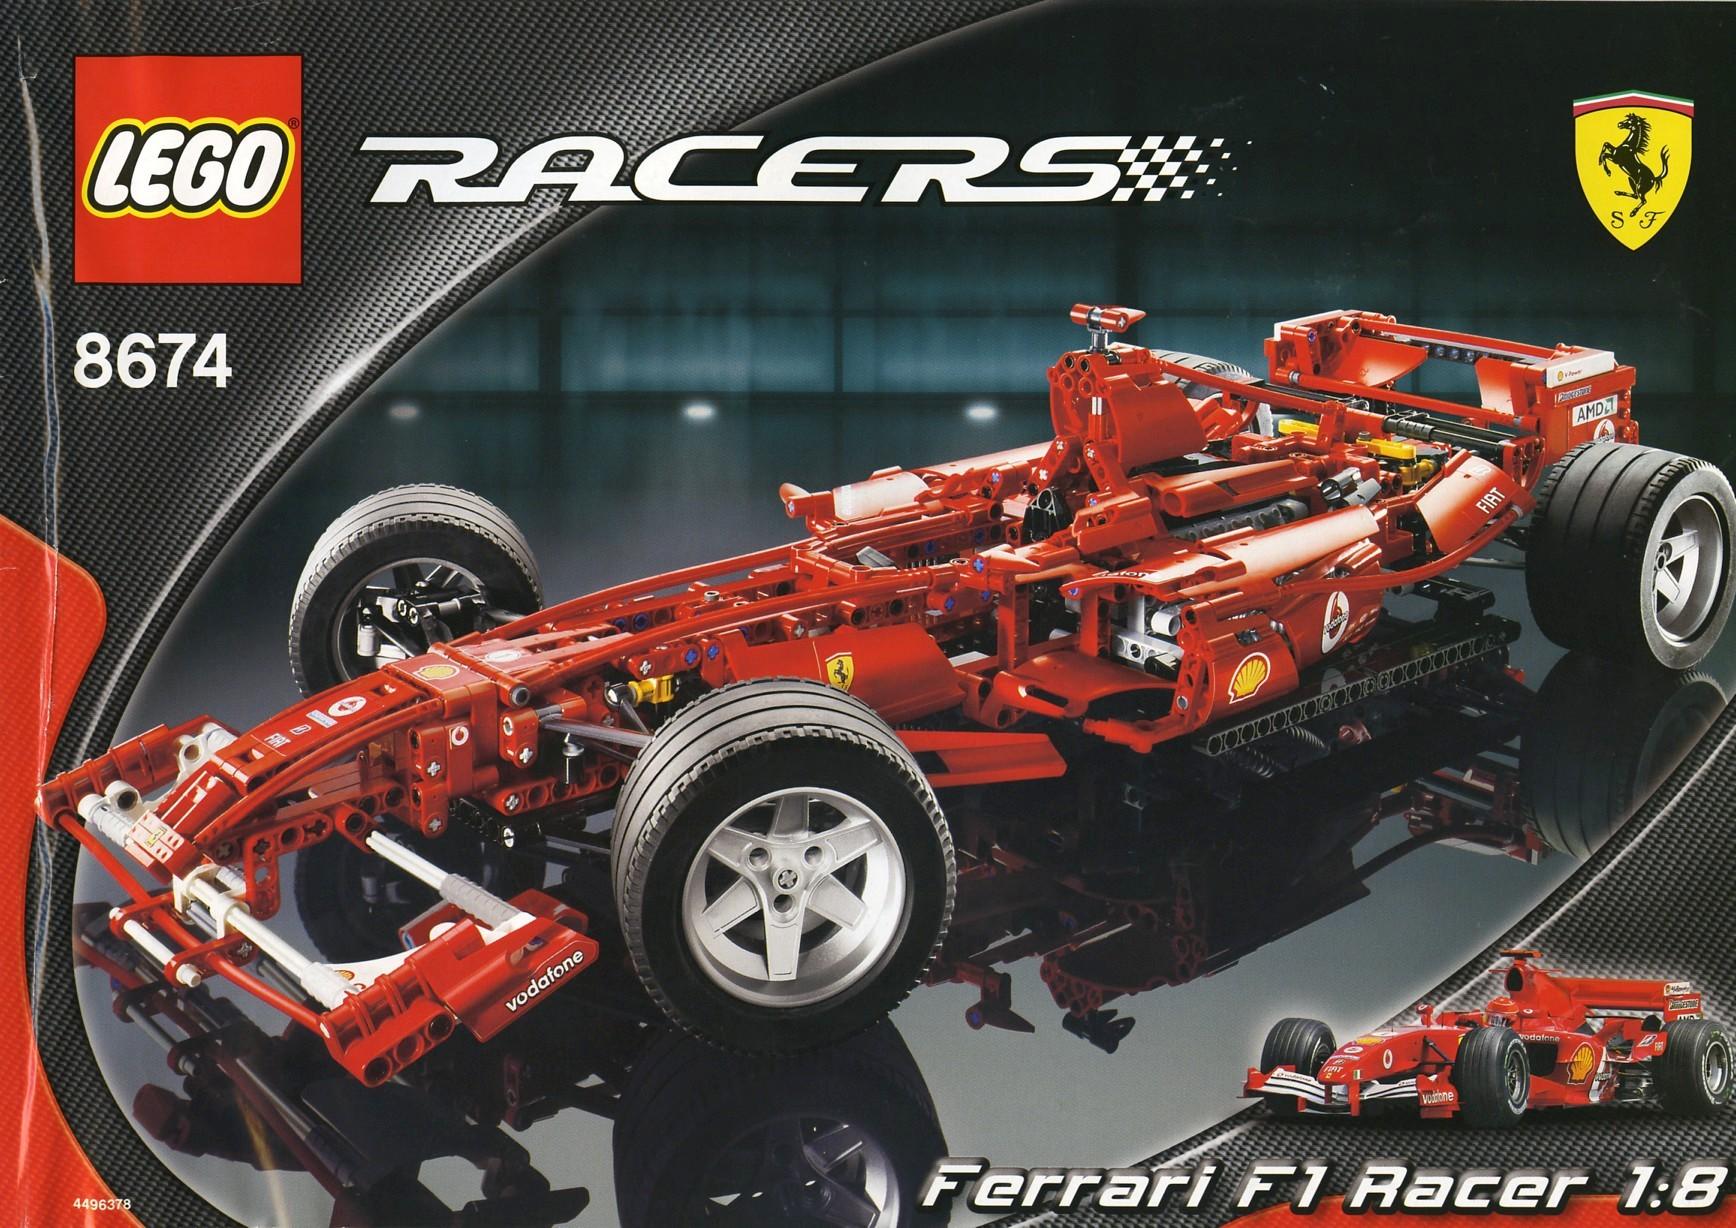 TOYS CUSTOM STICKERS for LEGO 8674 Ferrari f1 racer ETC VERY NICE! MODELS